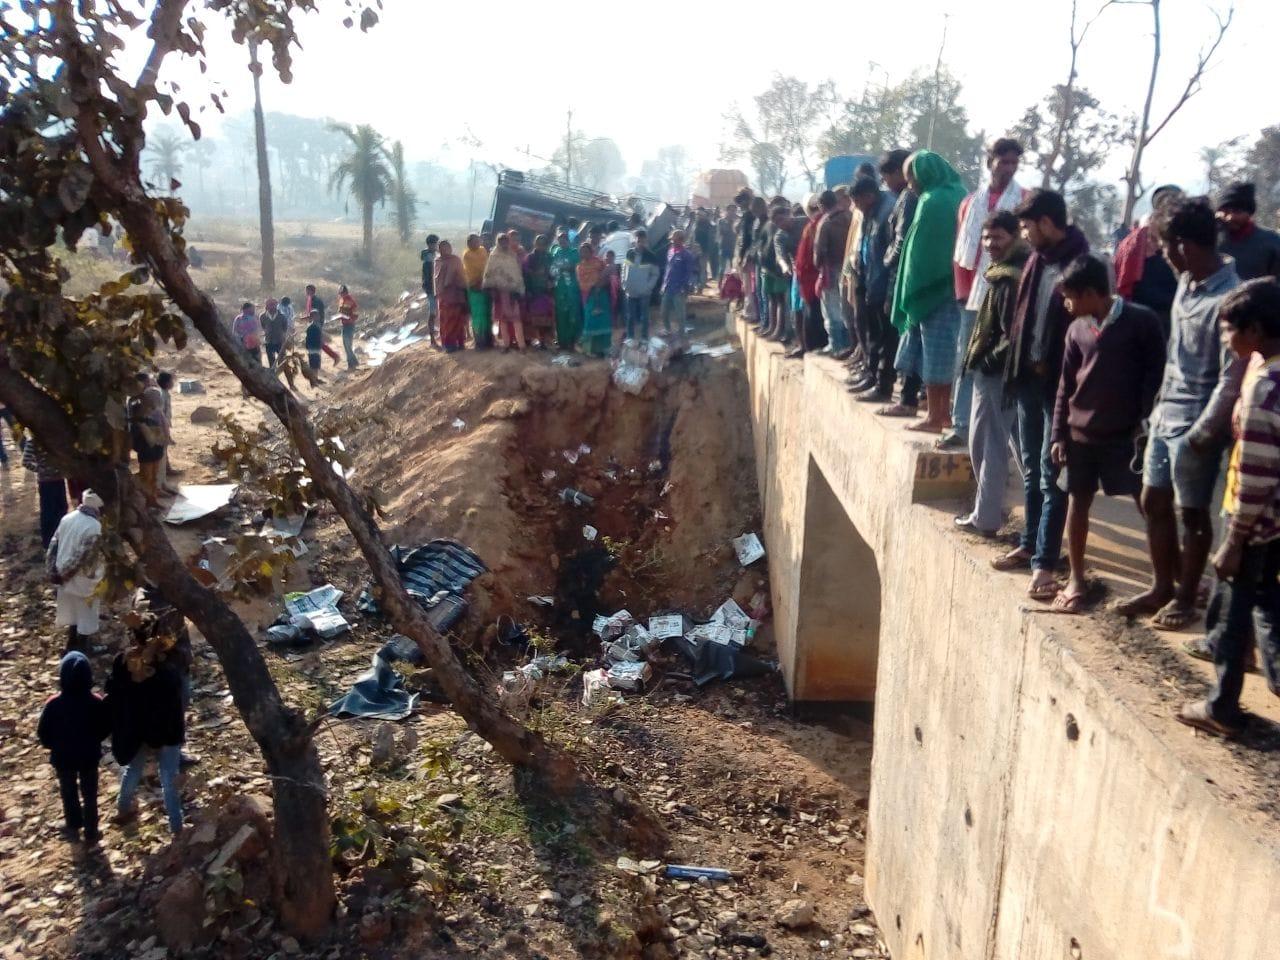 <p>भागलपुर-दुमकामुख्य मार्ग पर सड़क हादसे में 8 लोगों की मौत हो गयी |झारखंड के जामा थाना क्षेत्र के लगला गांव के पास अखबार लदा एक कमांडर जीप तड़के 4 बजे गड्ढे में गिर गया…